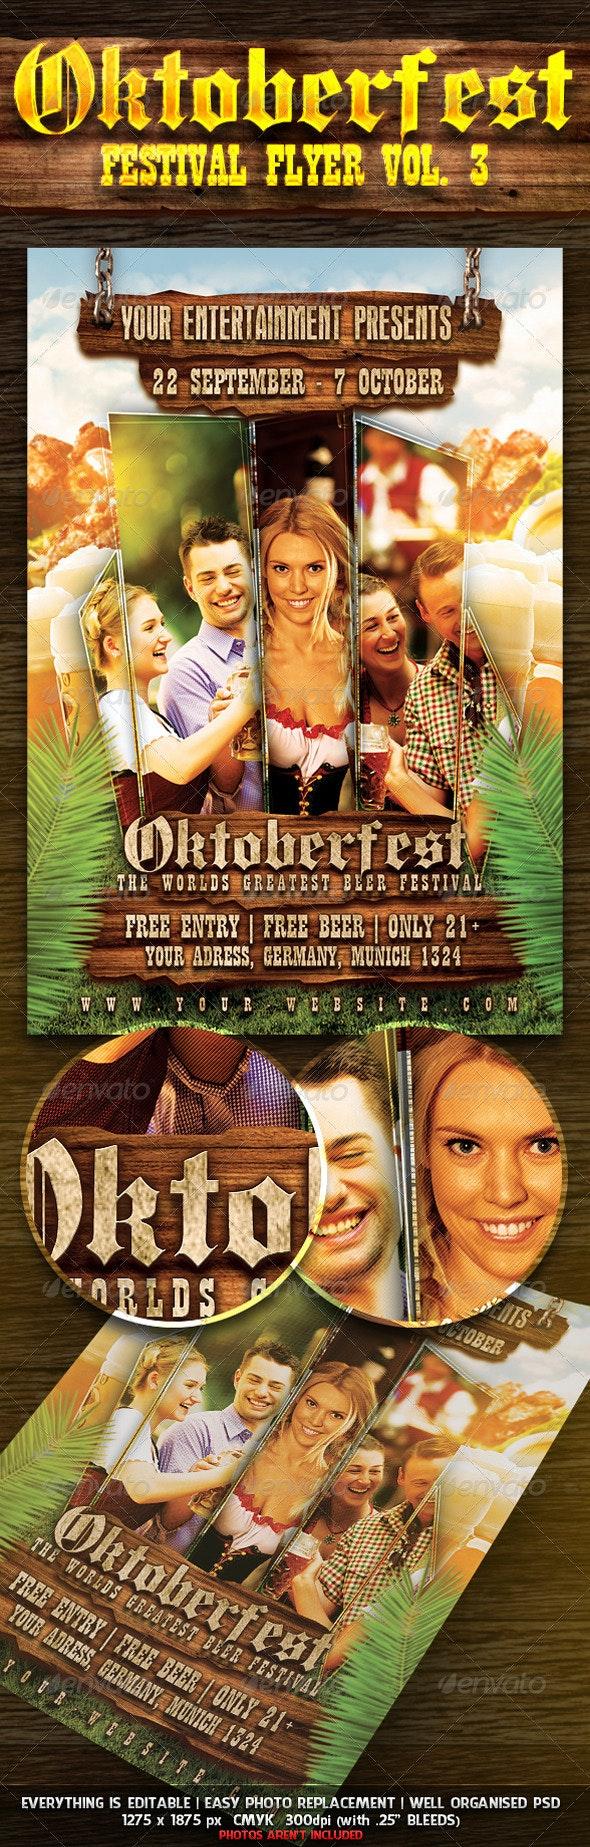 Oktoberfest Festival Flyer Vol. 3 - Miscellaneous Events